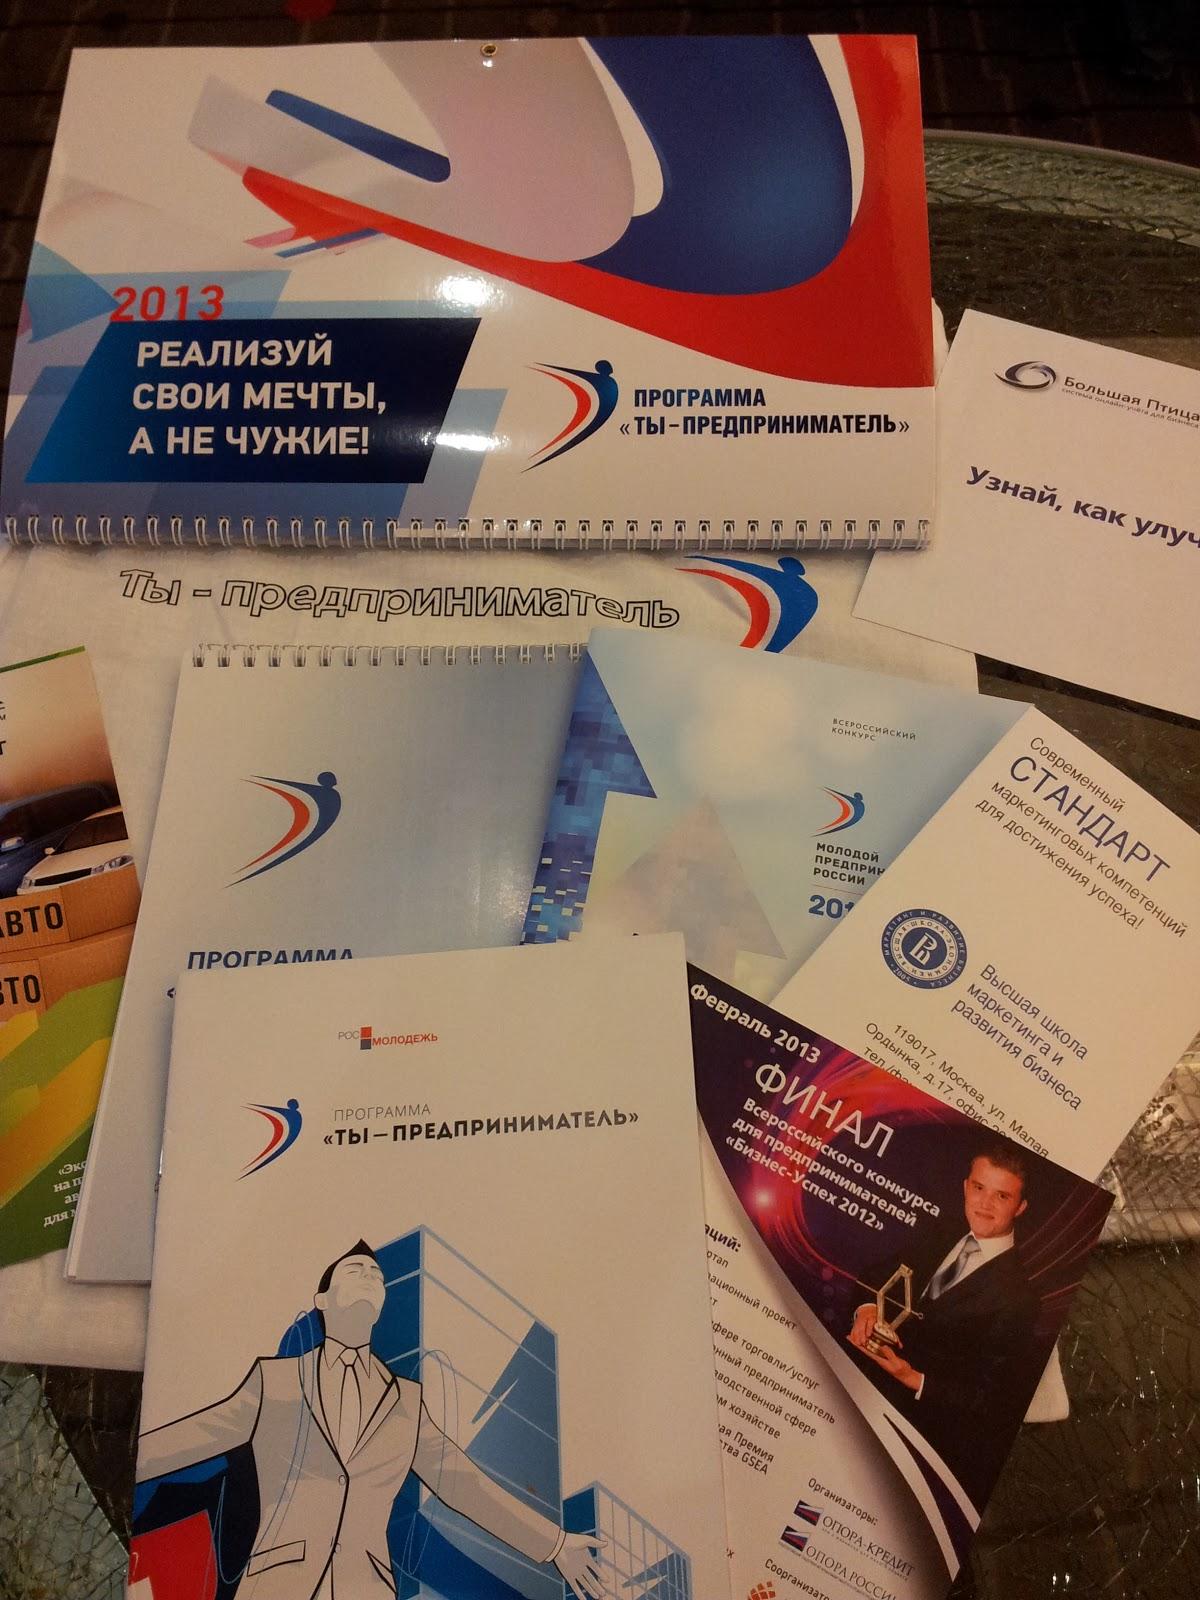 Промоматериалы конгресса «Ты — предприниматель»